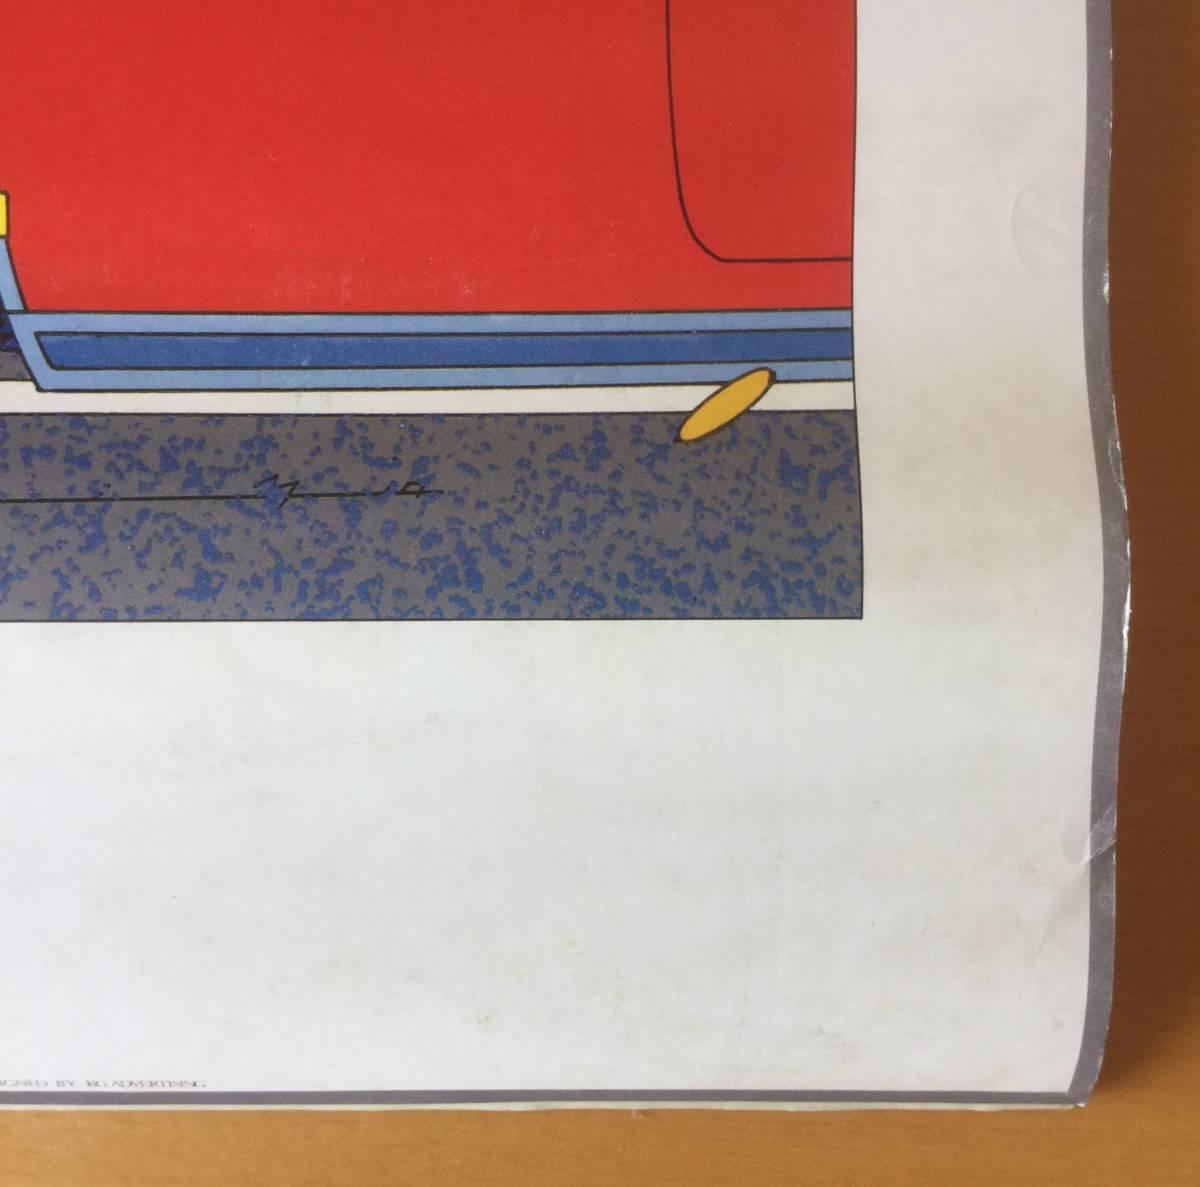 鈴木英人イラスト/1984年壁掛けカレンダー  EIZIN SUZUKI・AMERICAN DREAM SCENE_画像5